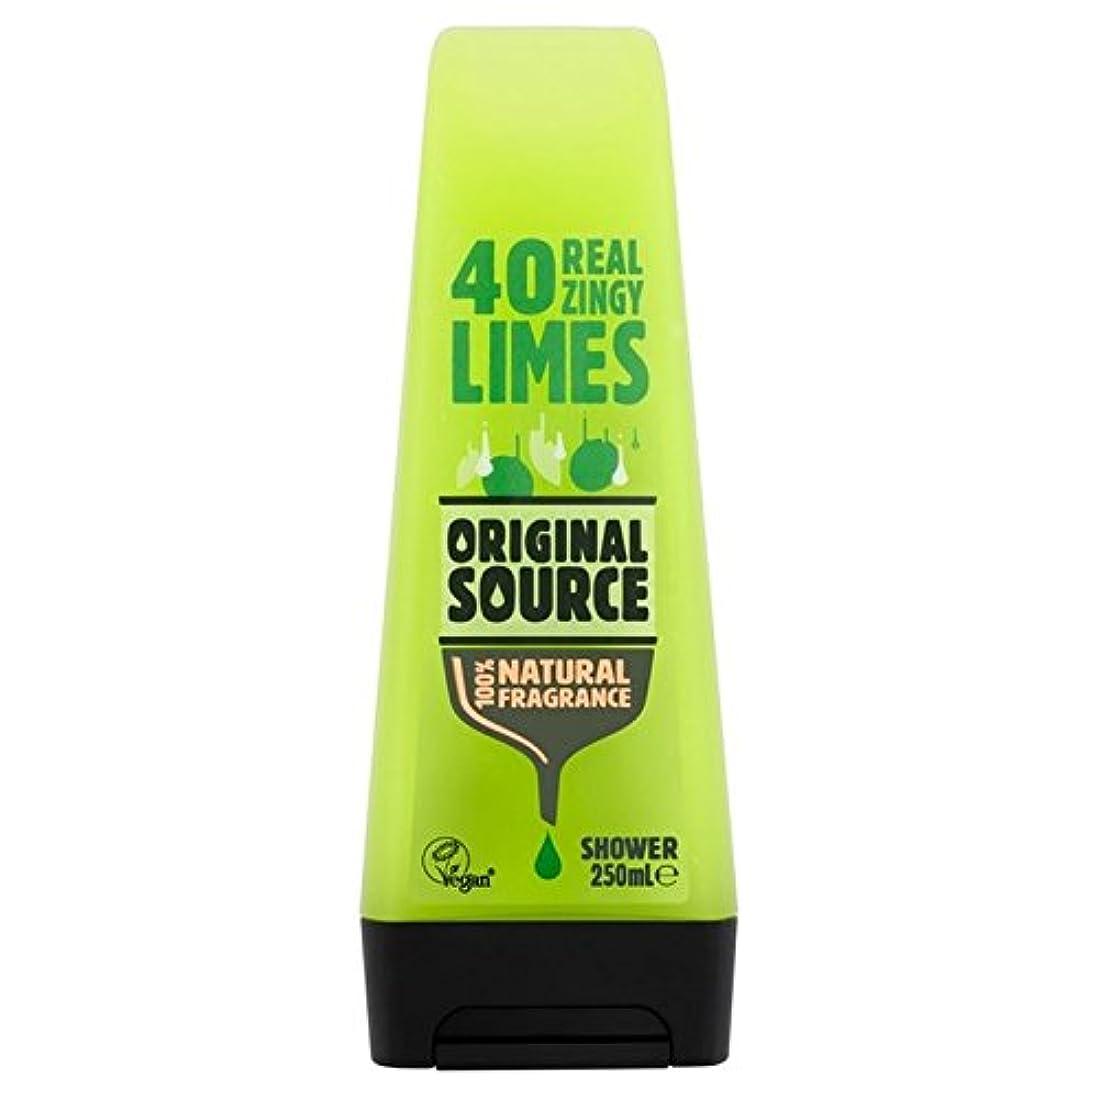 母性うがいうがいOriginal Source Lime Shower Gel 250ml - 元のソースライムシャワージェル250ミリリットル [並行輸入品]